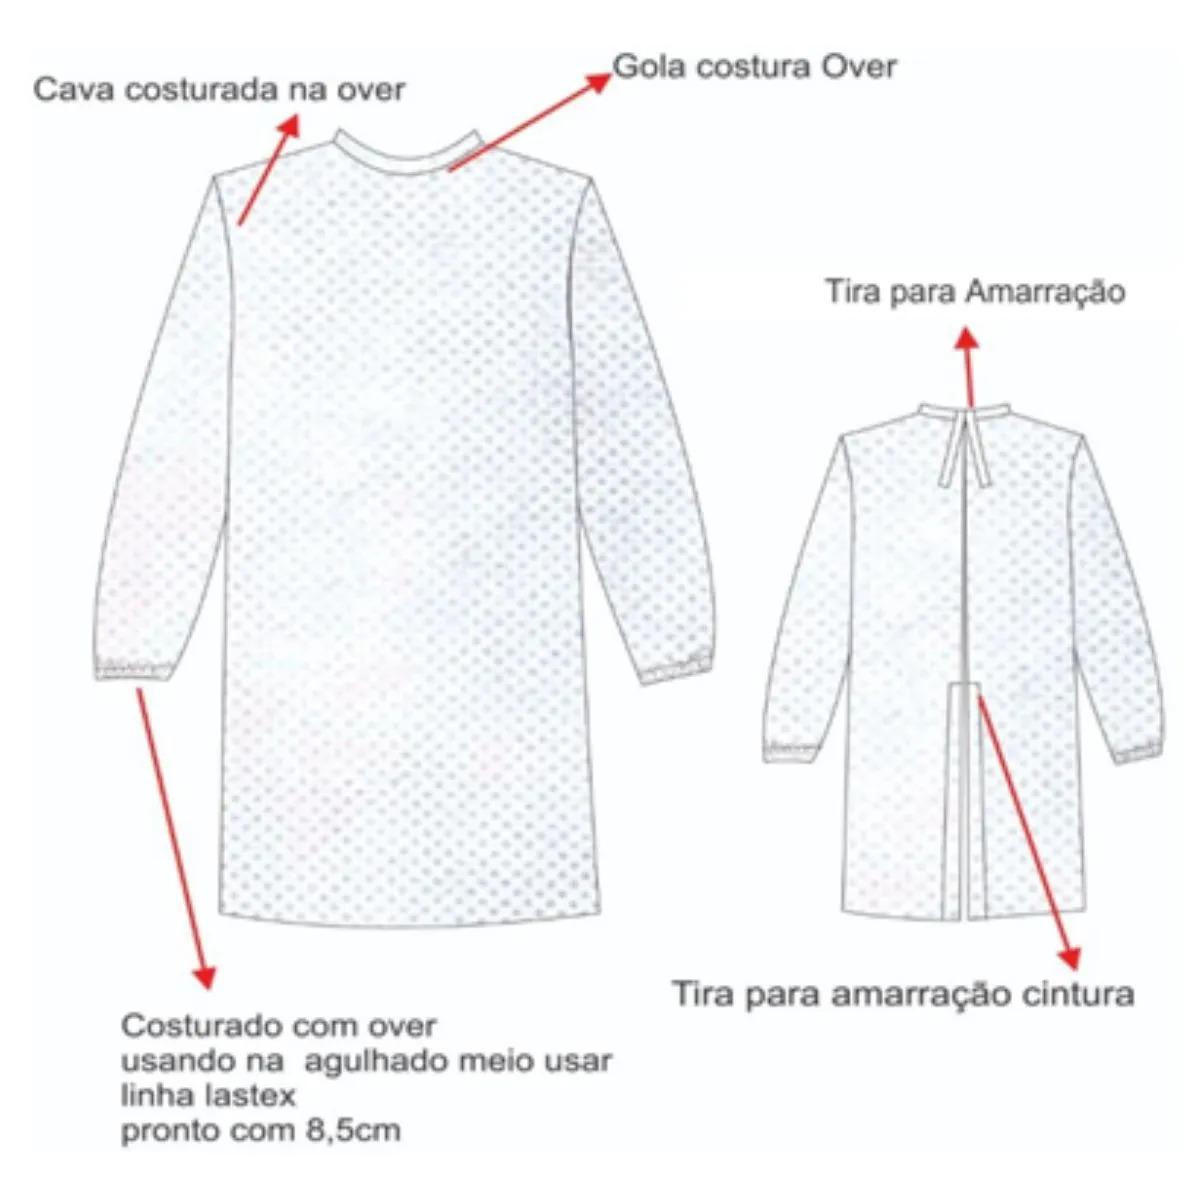 AVENTAL DESCARTÁVEL MANGA LONGA  Pacote com 100 aventais - gramatura 40g